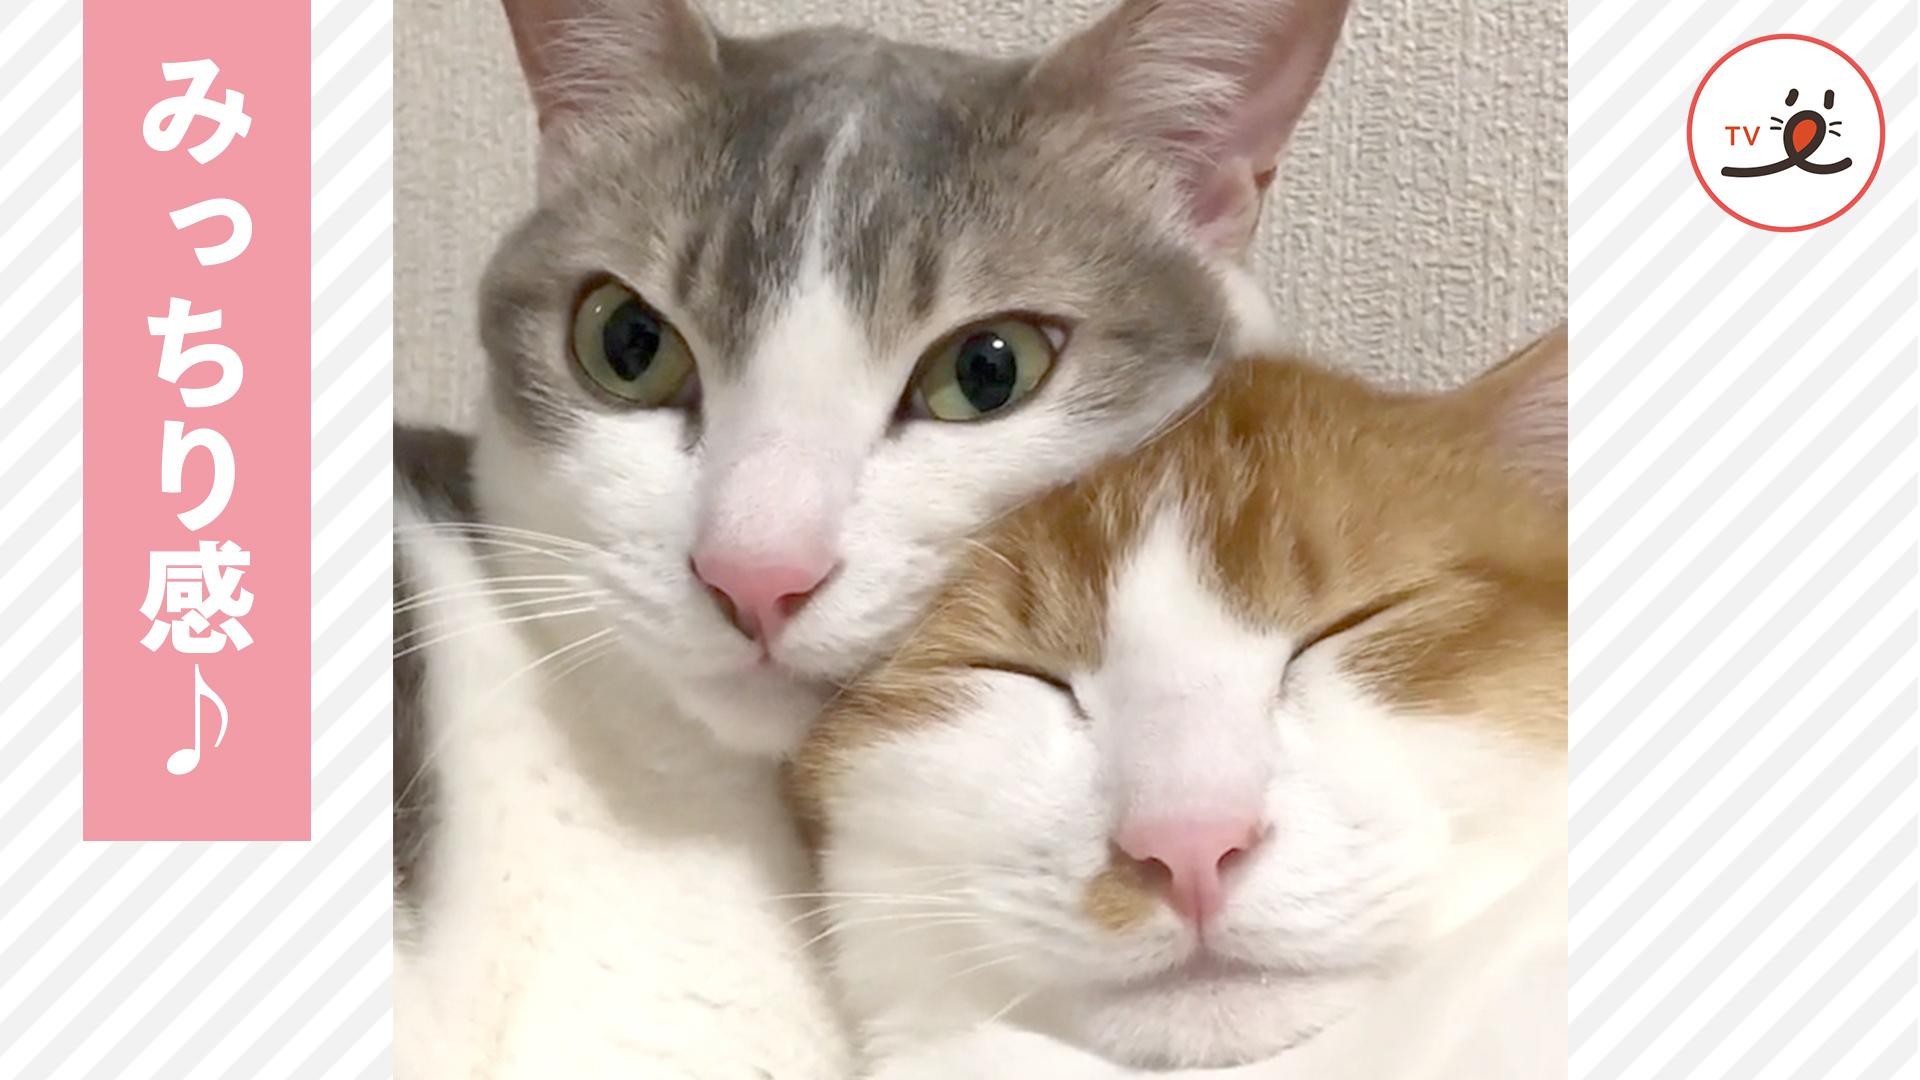 """1ミリも隙間がないくらい""""みっちり💕 仲良く寄り添う双子猫🐈 🐈"""